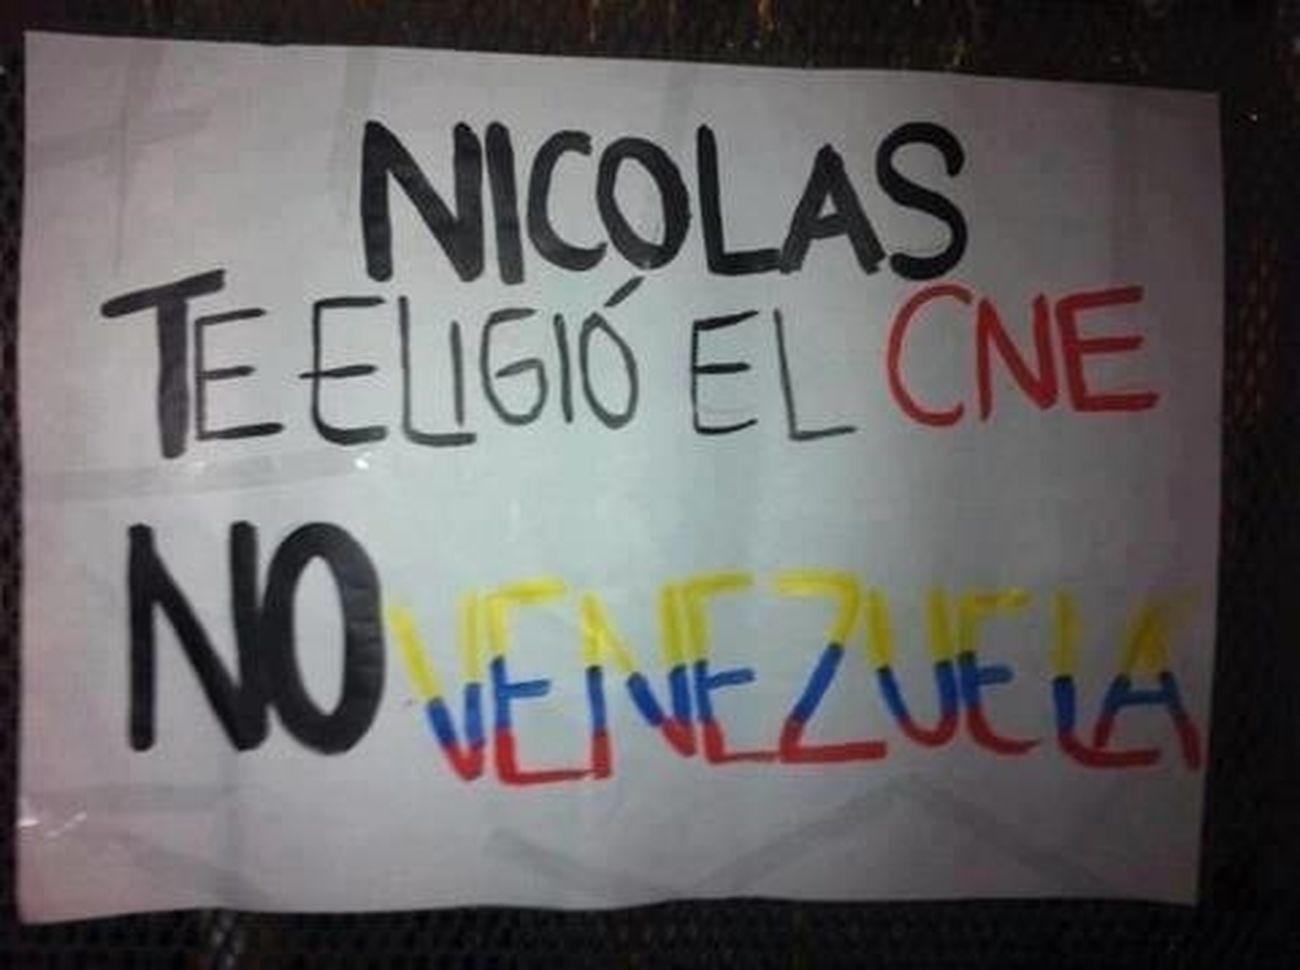 CaprilesGanoTibisayMintio